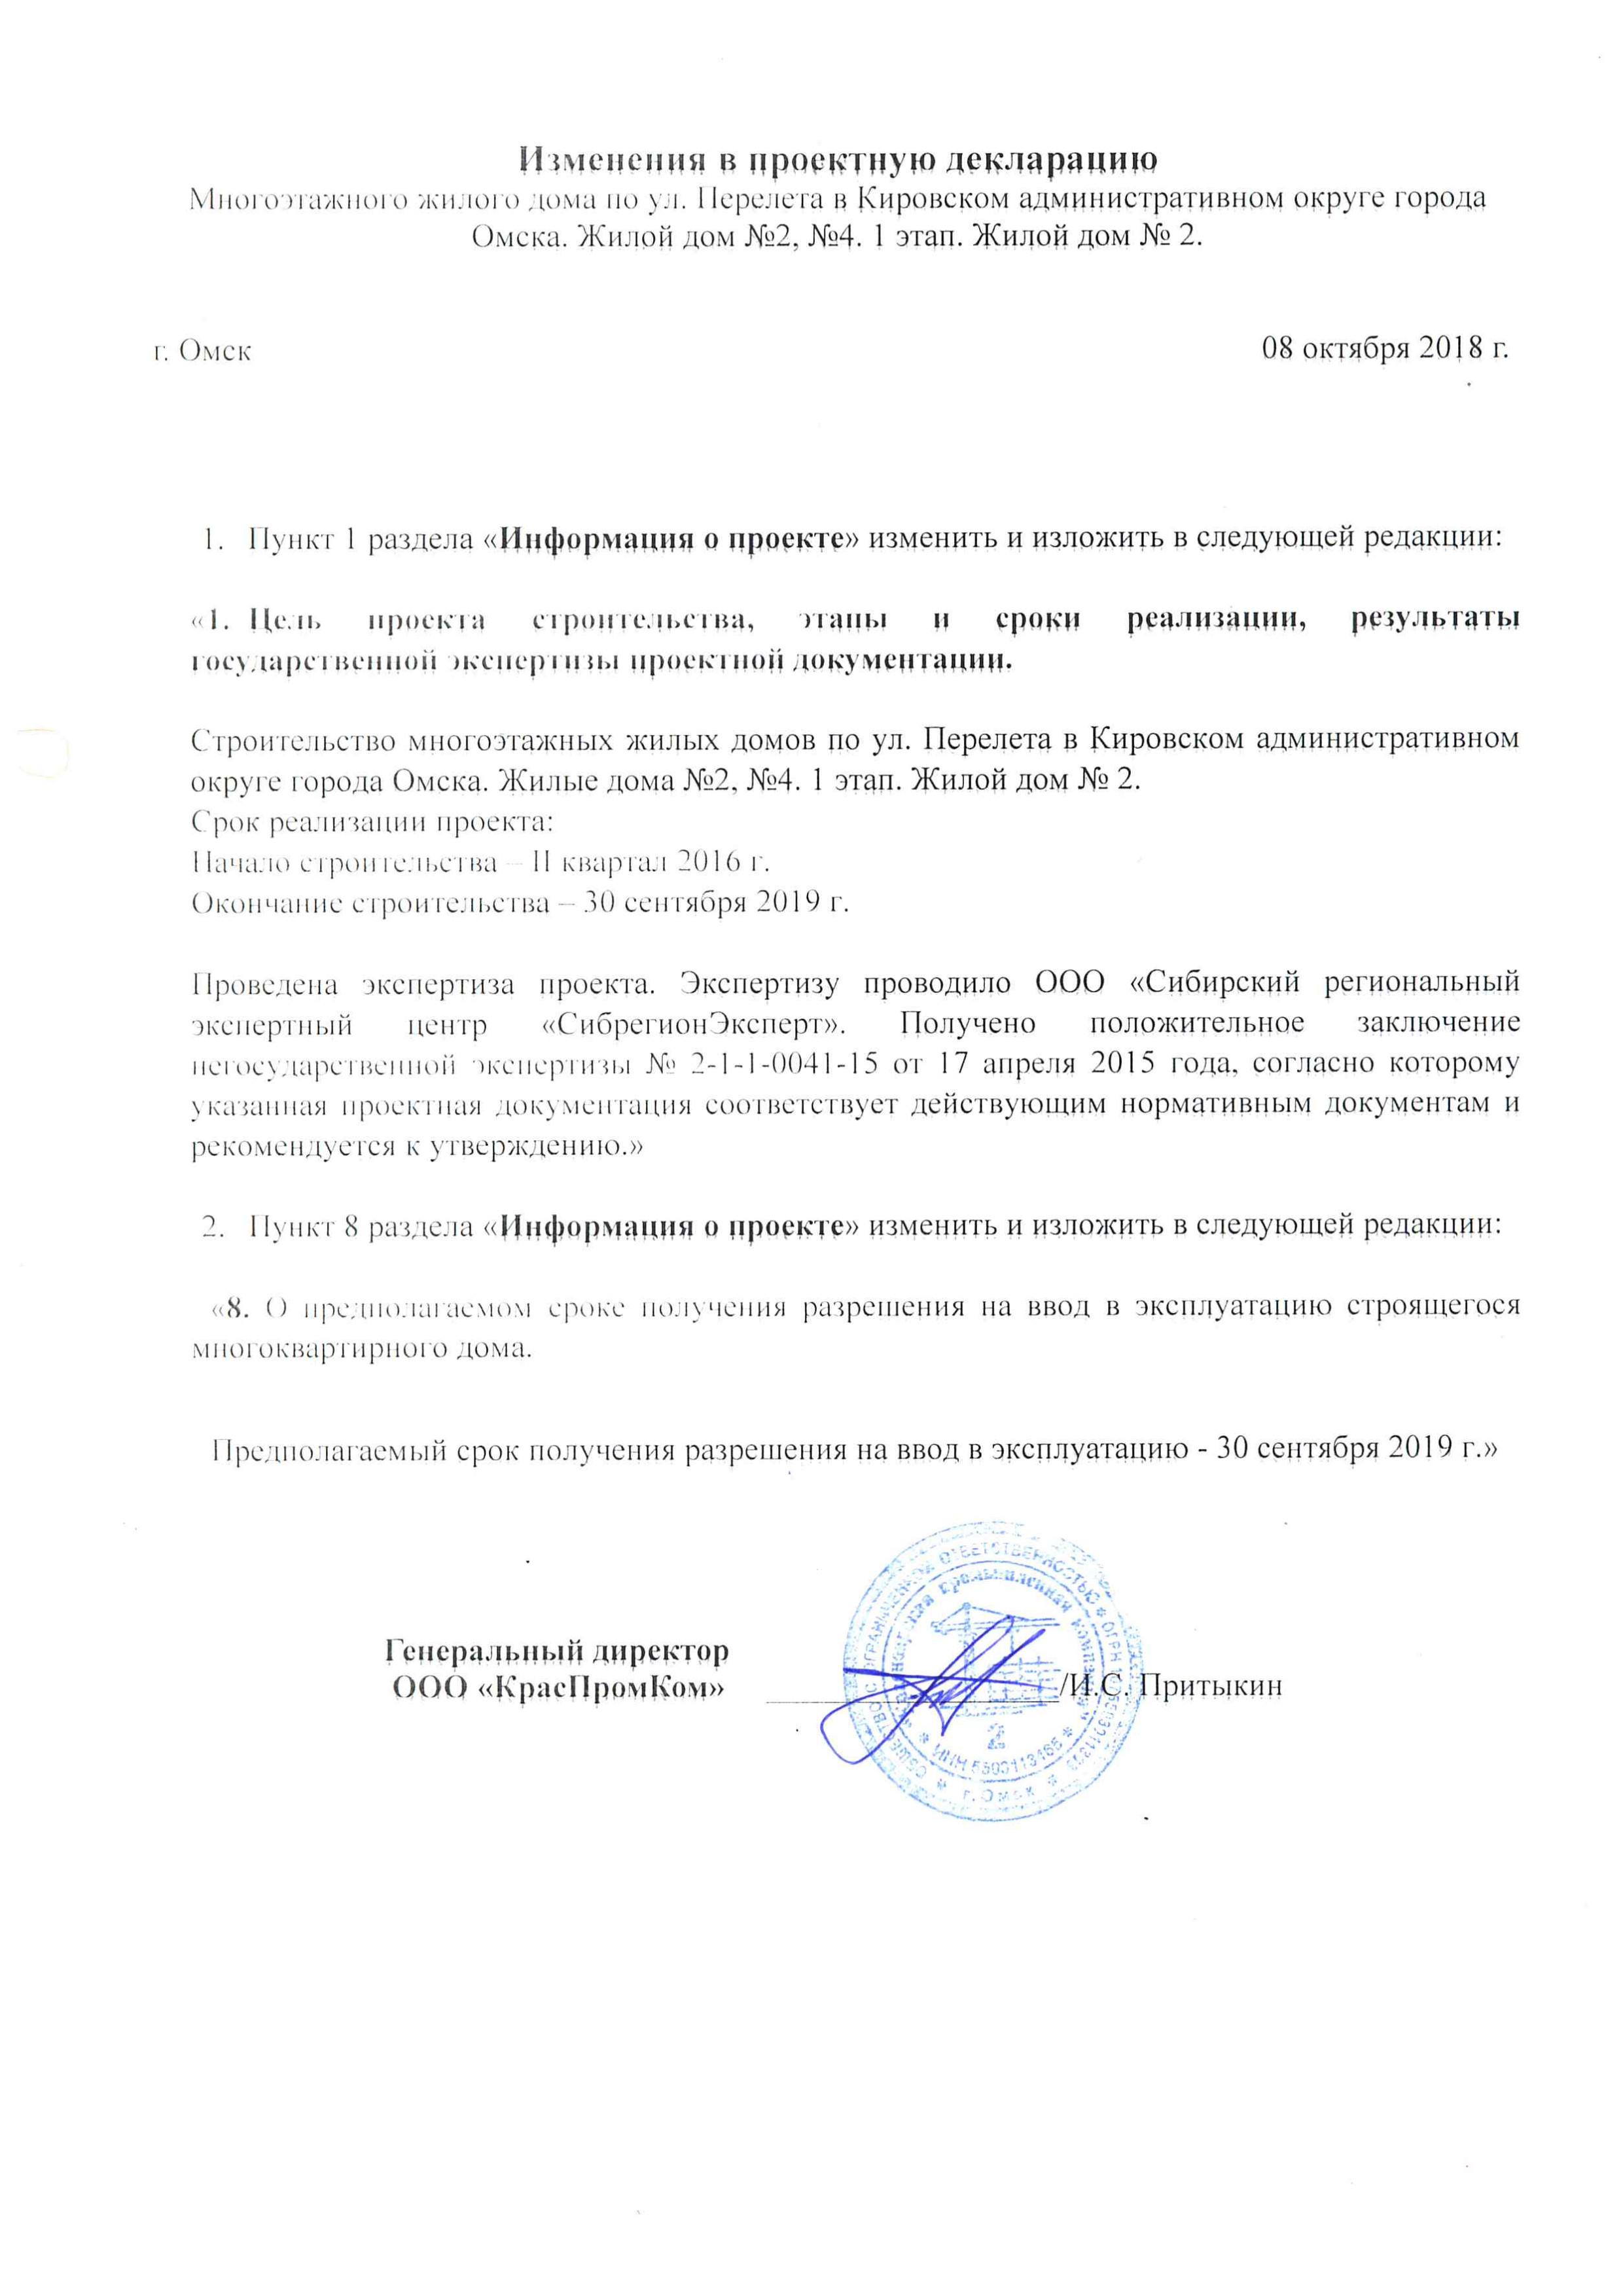 Измнения в проектную декл.сроки ЖД 2 30.